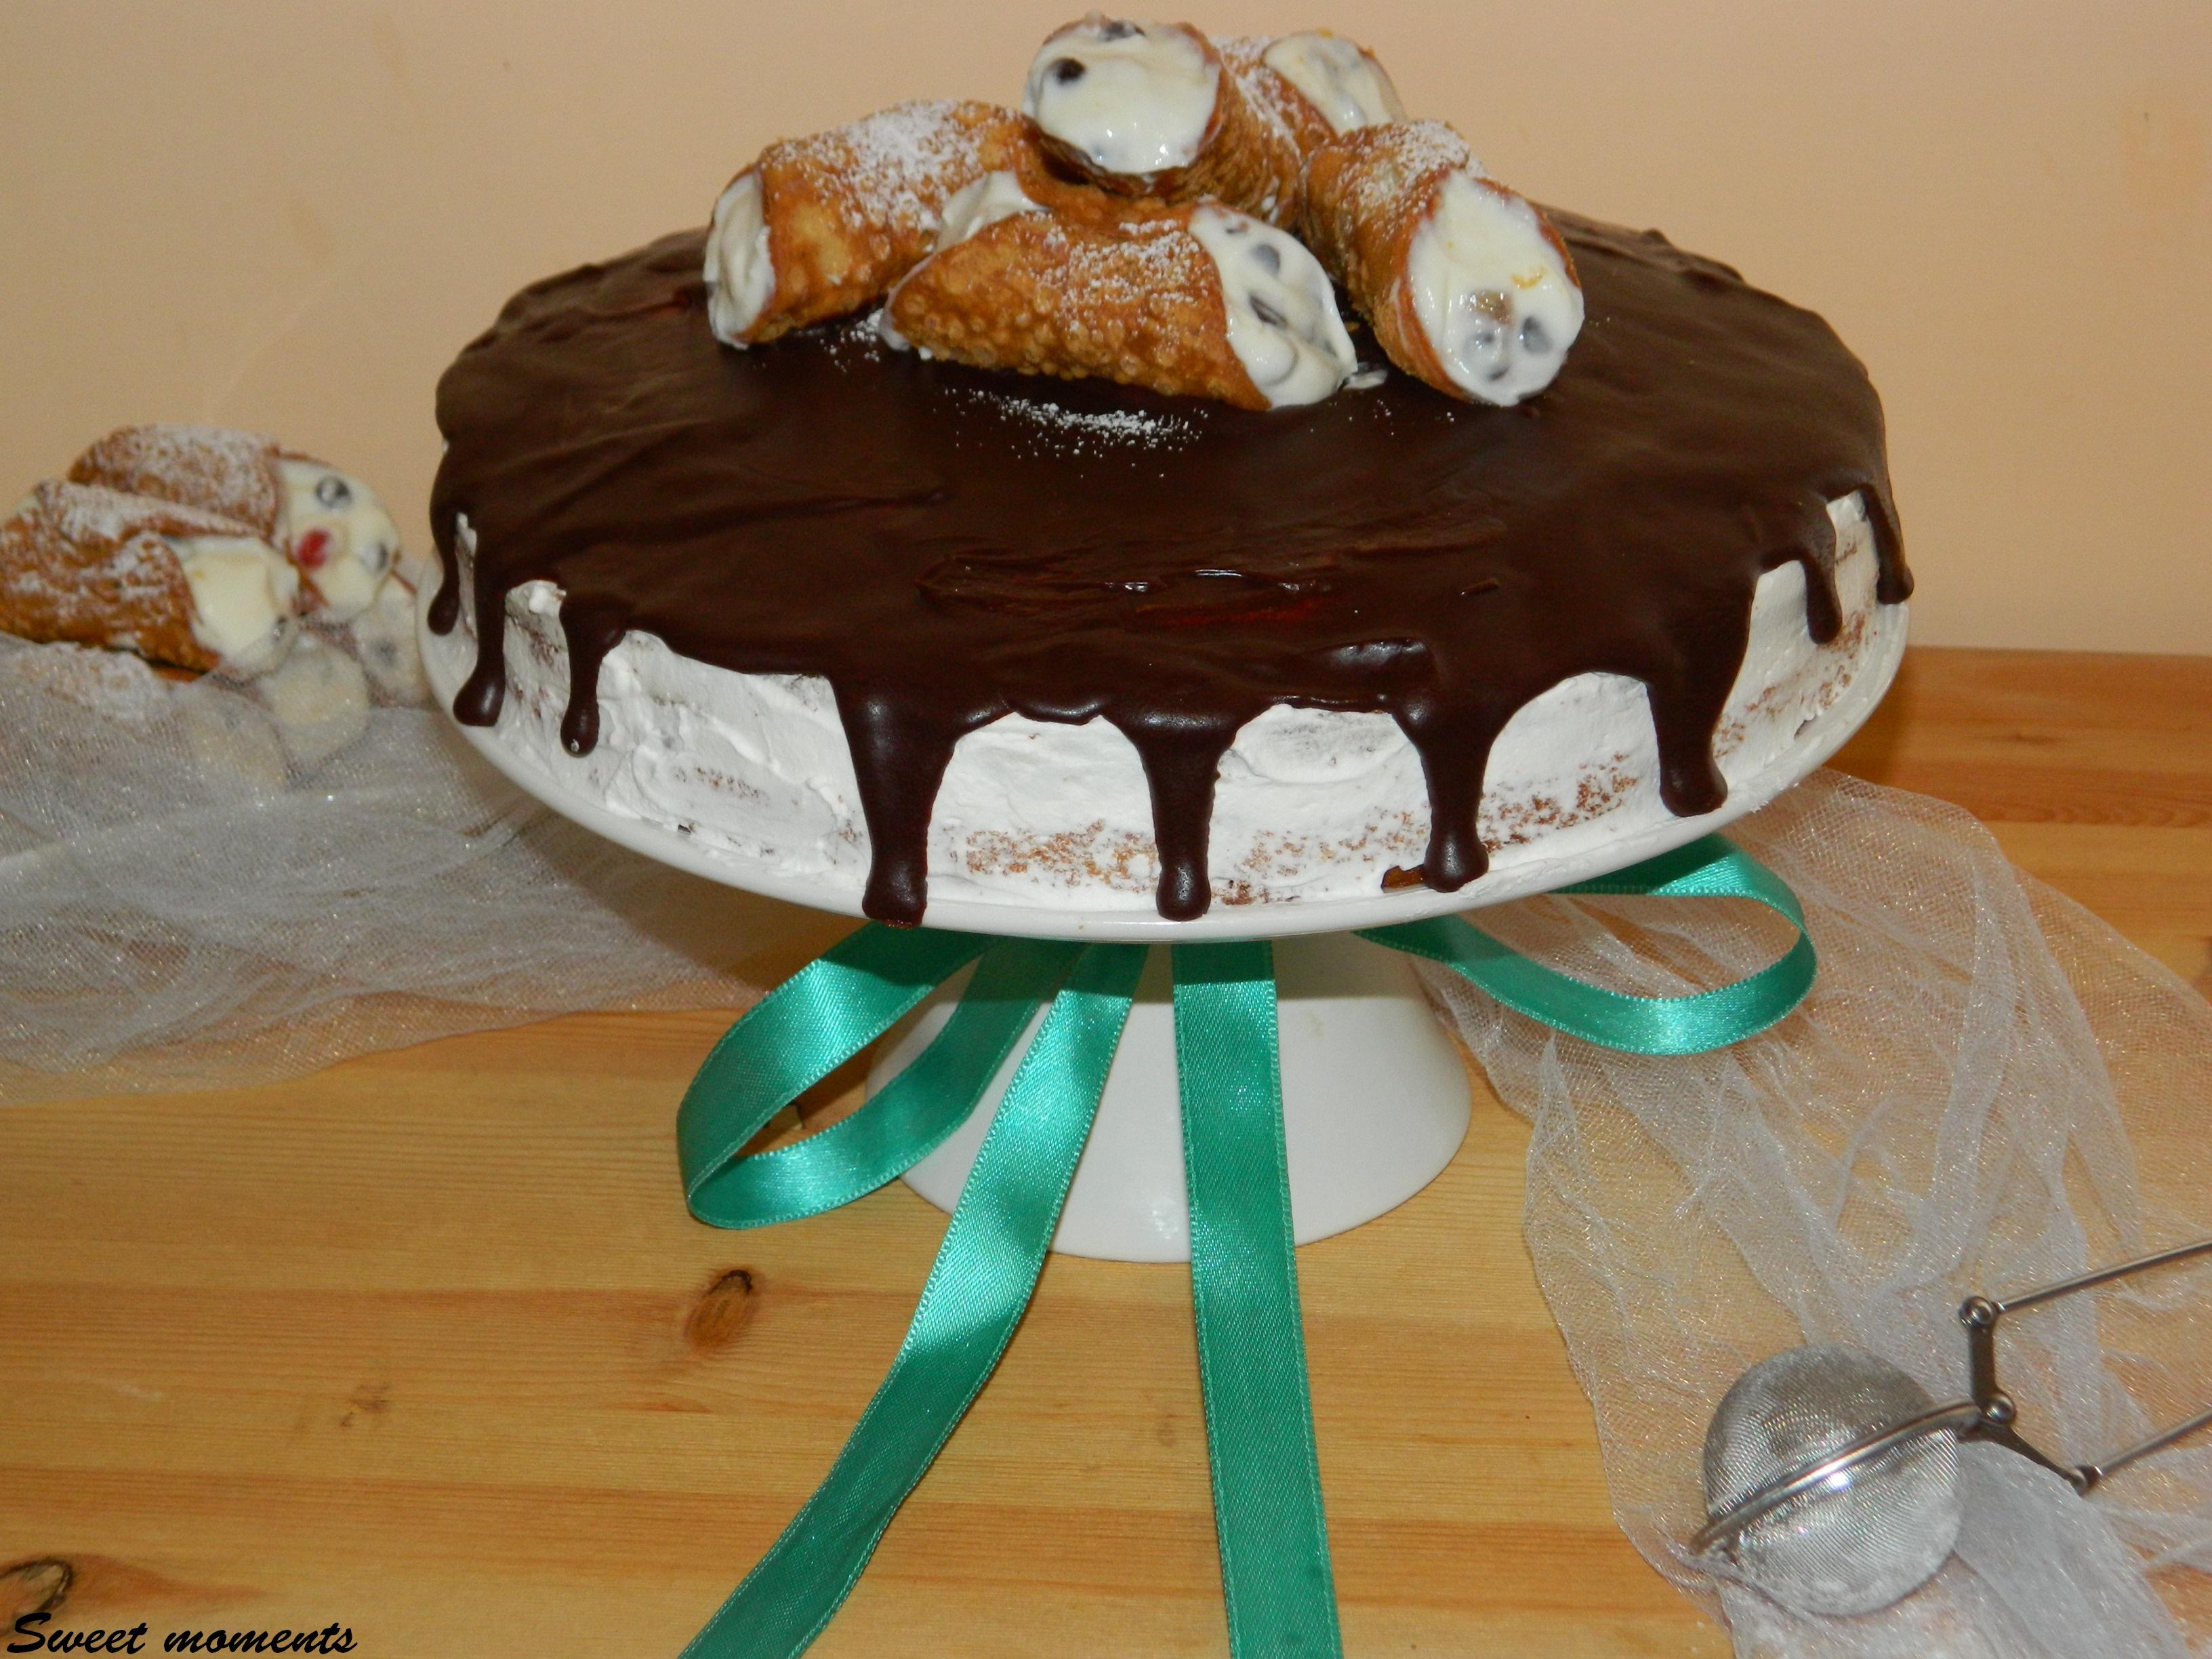 Torta con cannoli siciliani e ganache al cioccolato